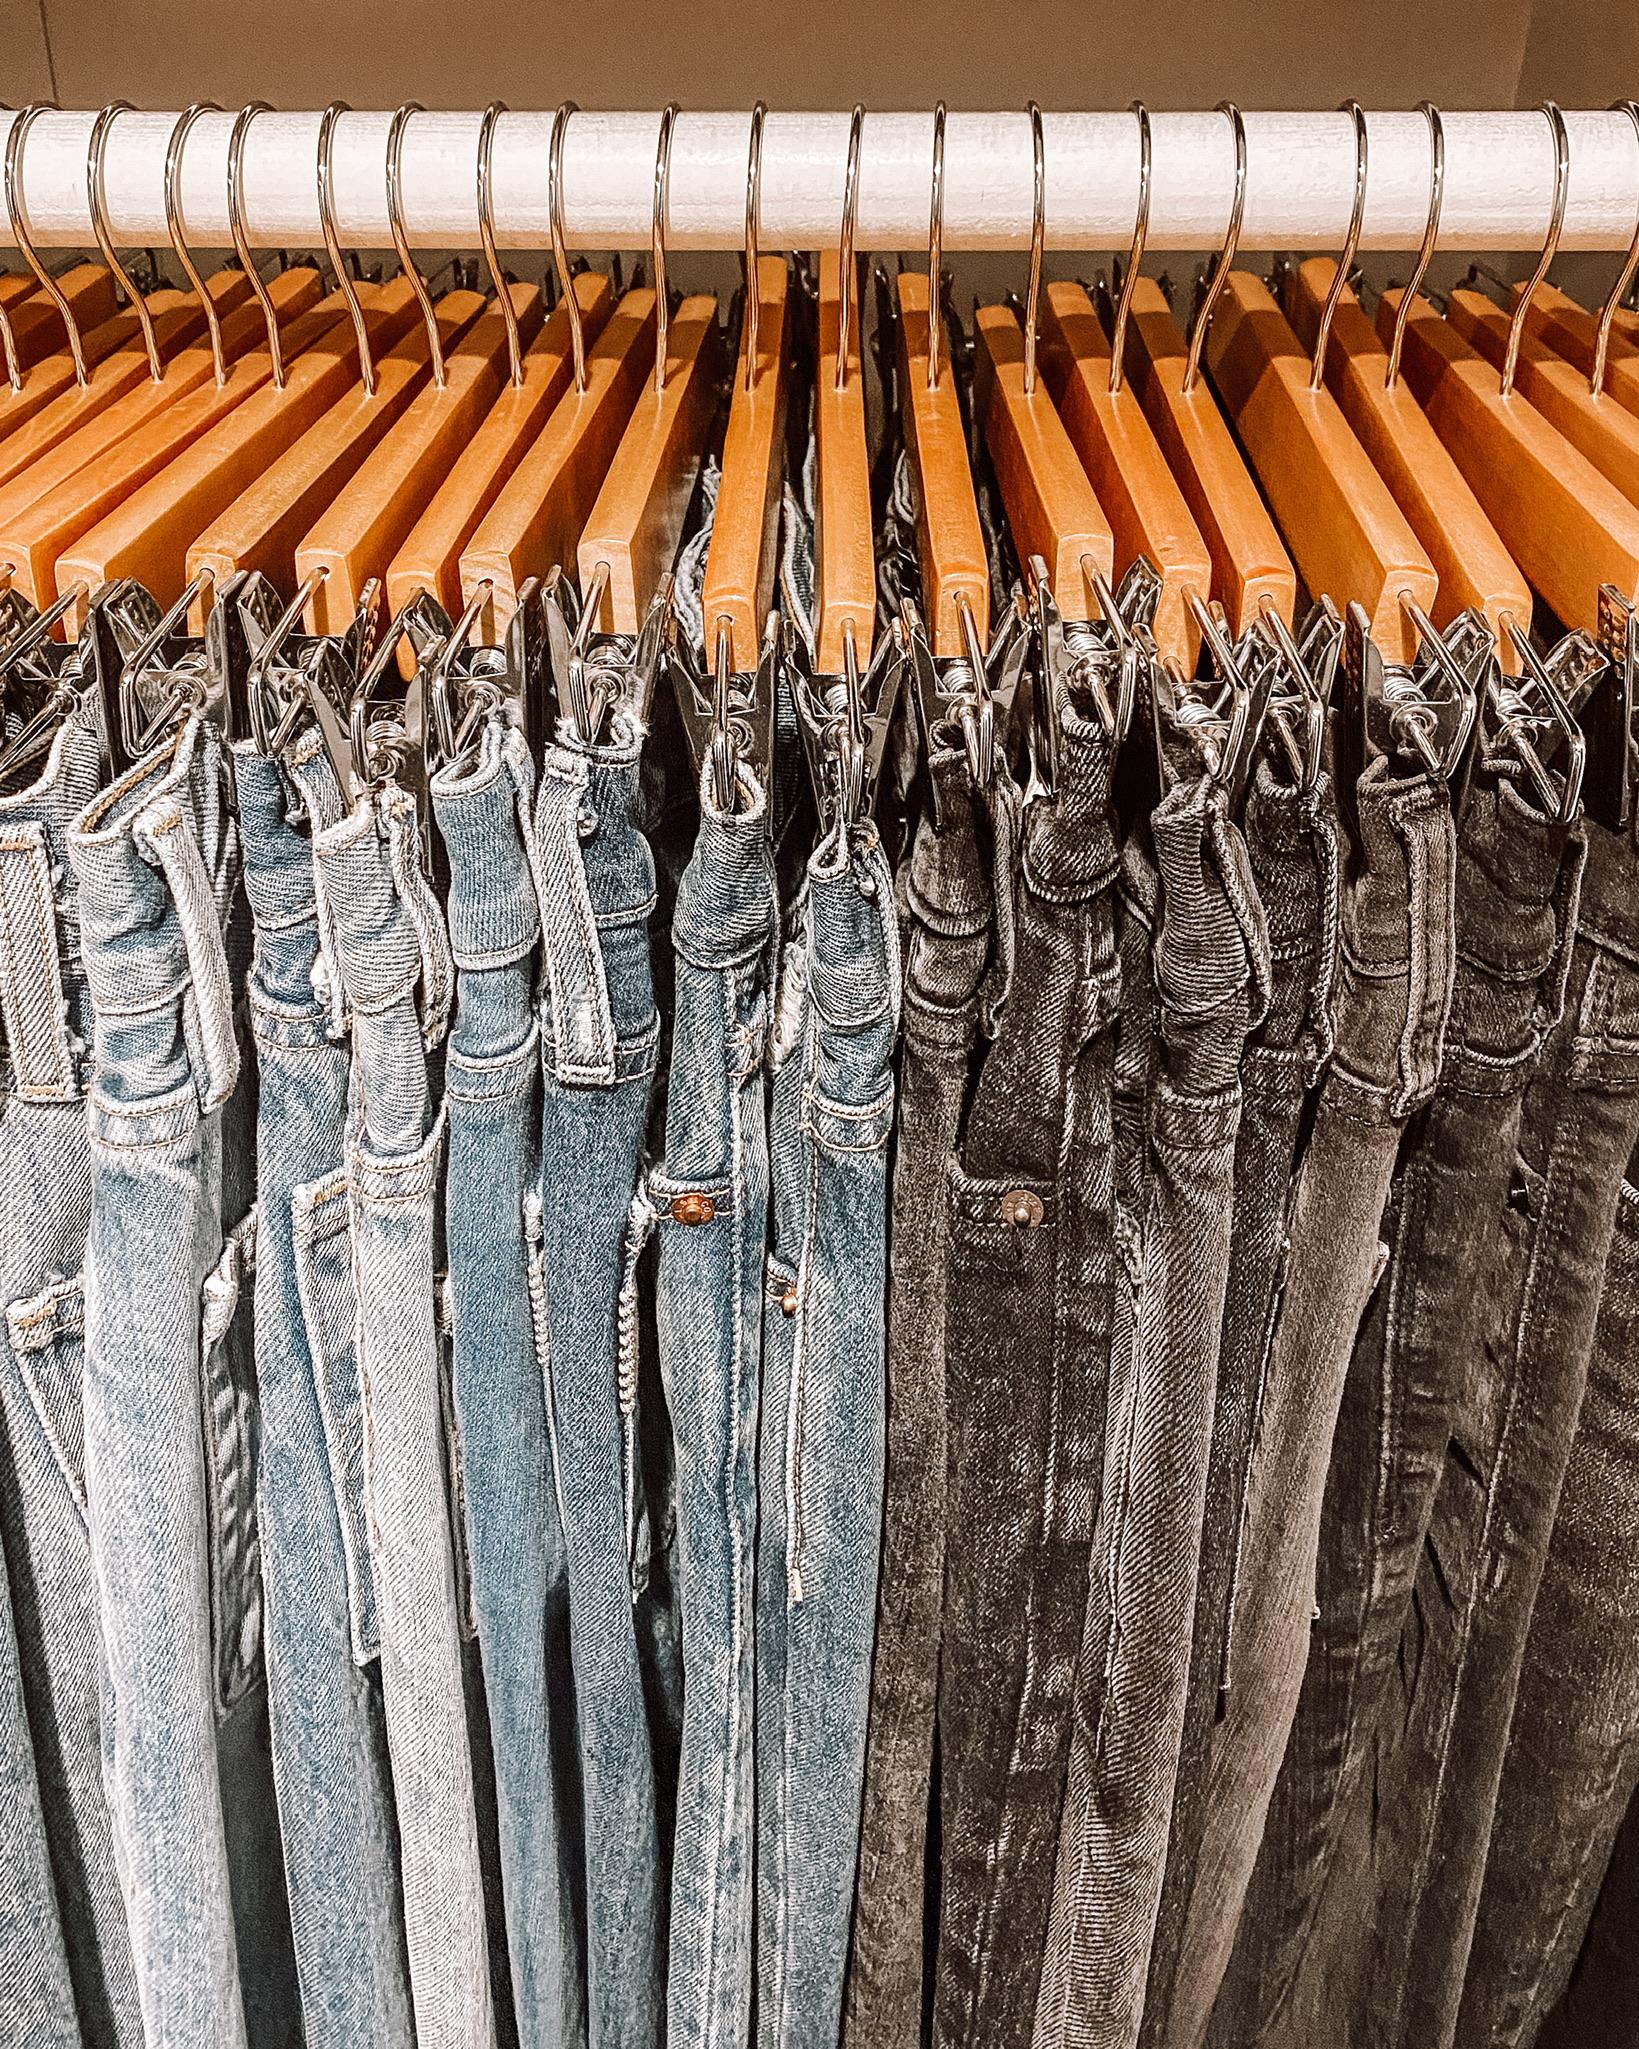 Amazon Wood Pant Hangers